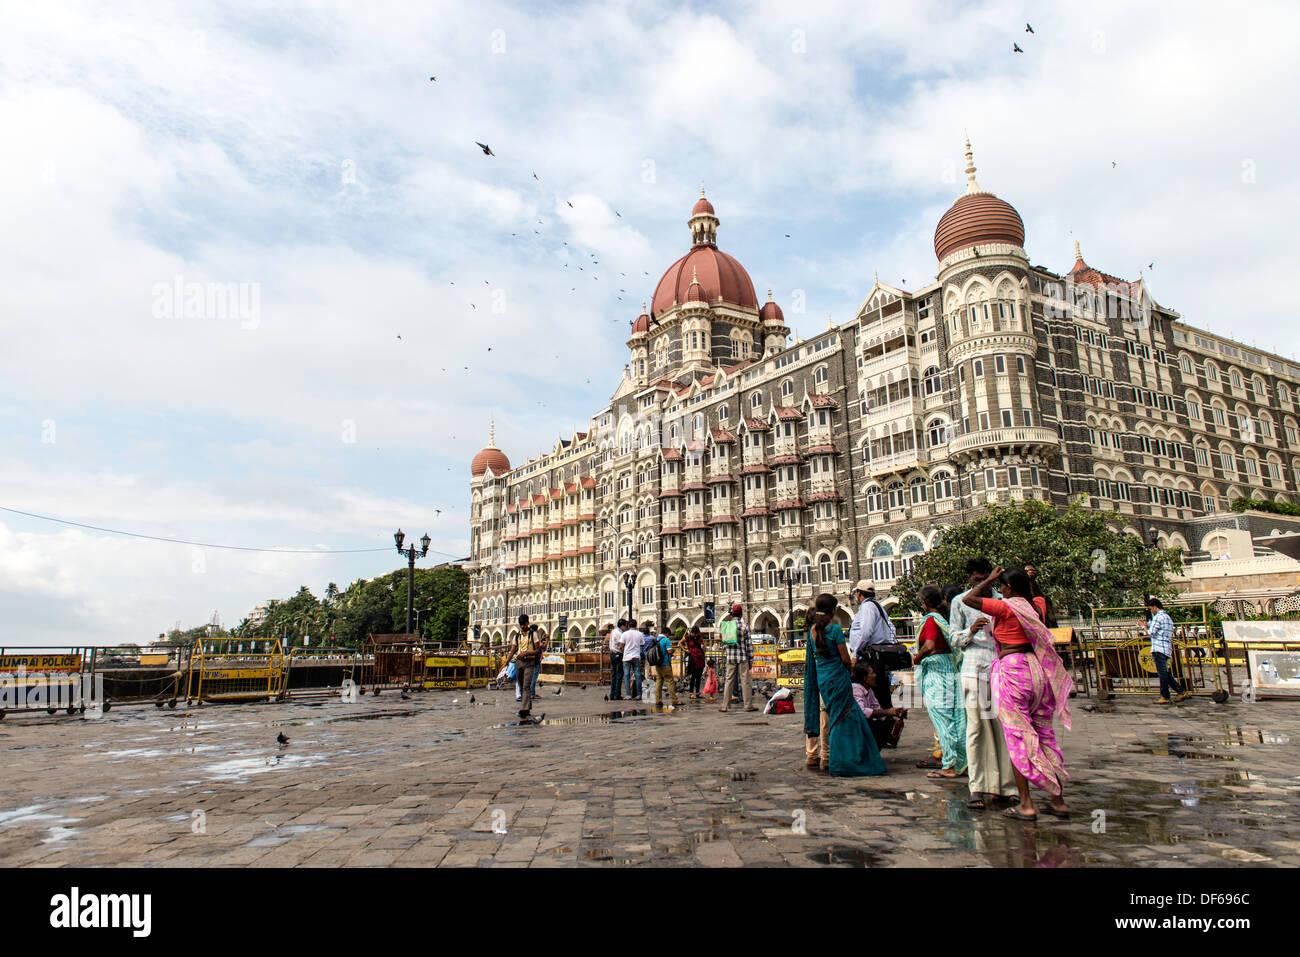 El Taj Mahal Palace Hotel Mumbai, India Imagen De Stock